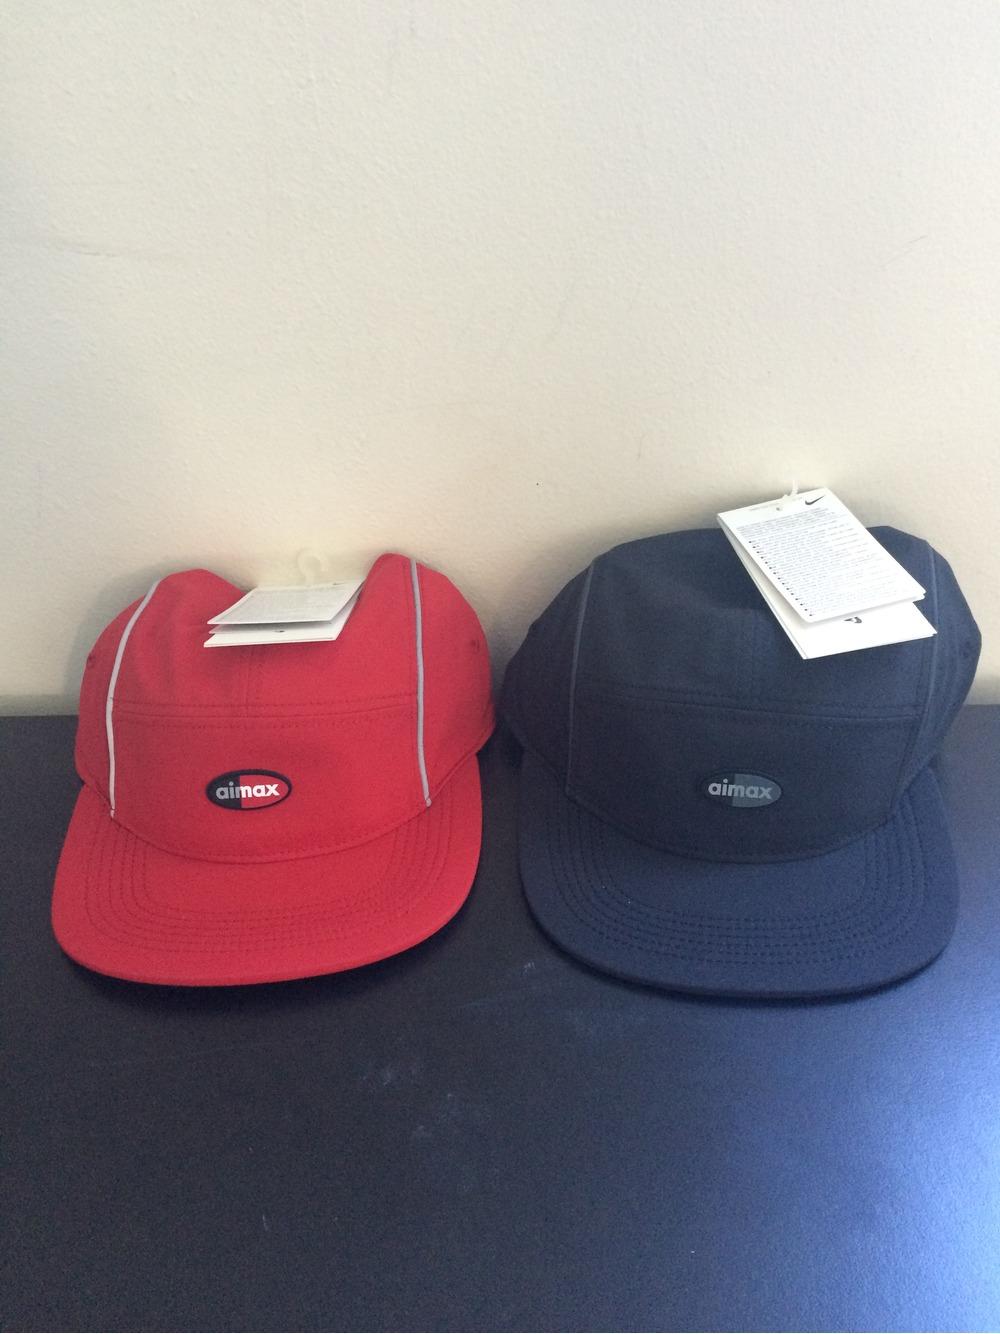 cheaper eda7b fb3d2 low price supreme nike air max 98 hat 7ccb1 fb210